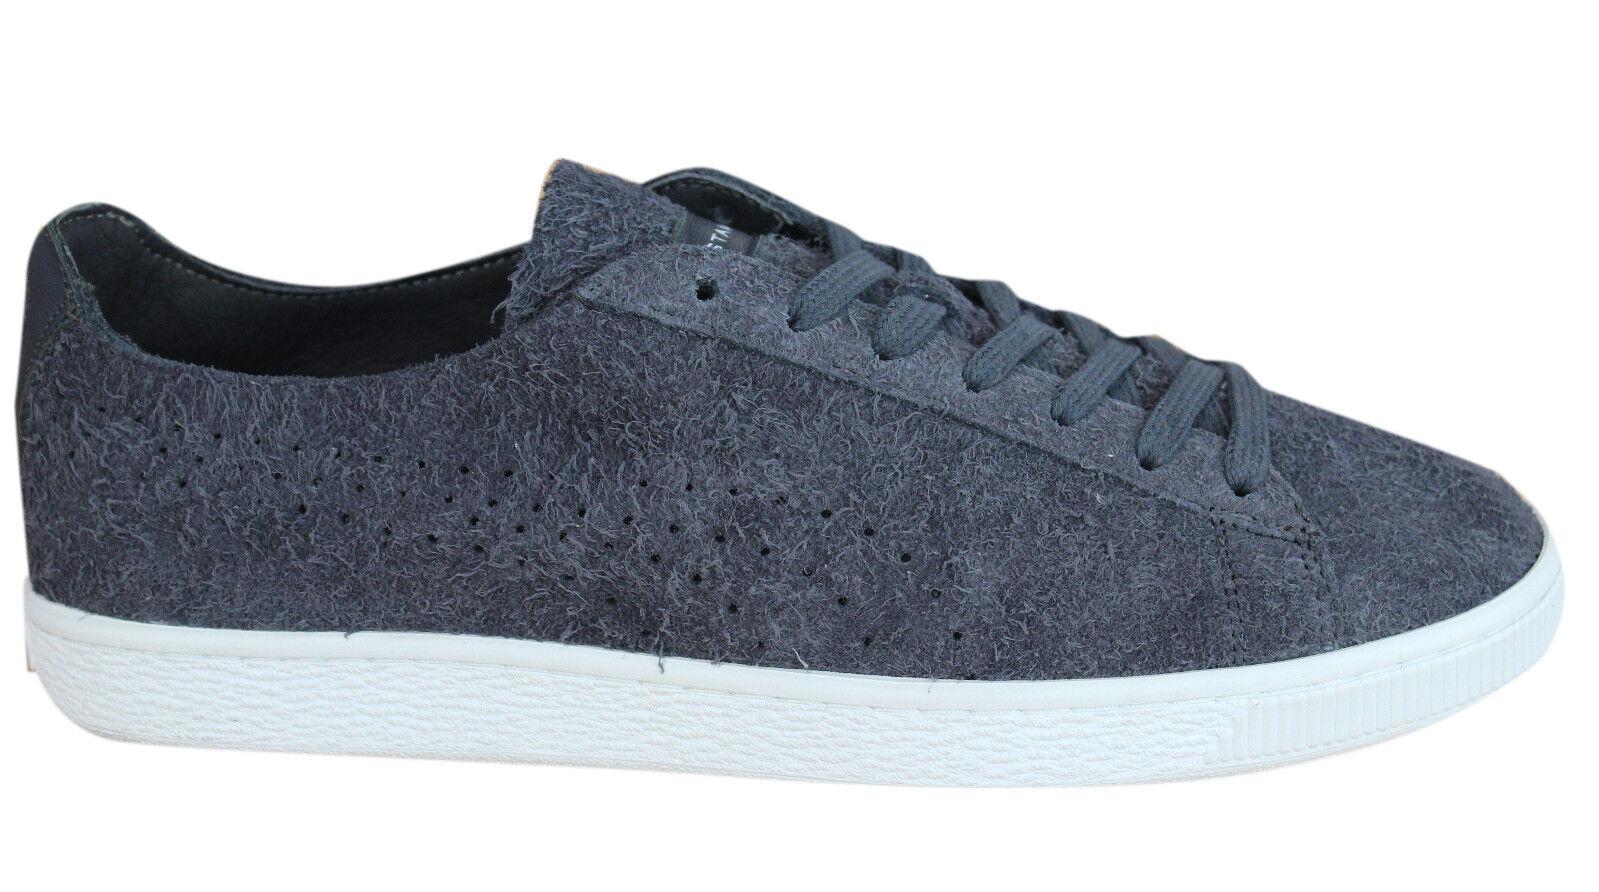 Puma States x Stampd Lace Leather Up Asphalt Gris Hombre Leather Lace Trainers 361491 04 D14 9c9f68